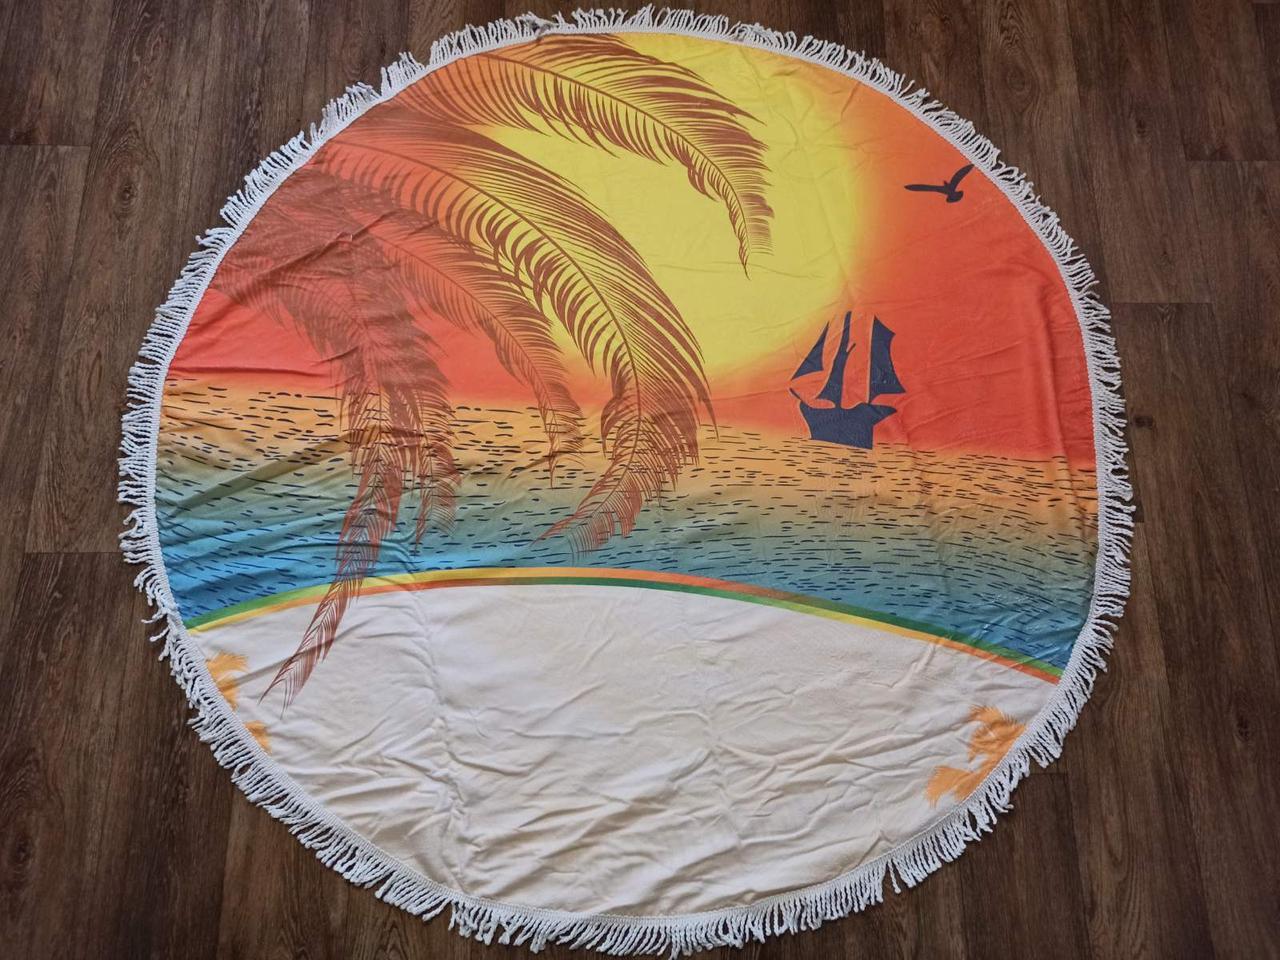 Пляжное покрывало | Пляжный плед | Пляжный коврик   | Пляжное круглое полотенце. Закат 2